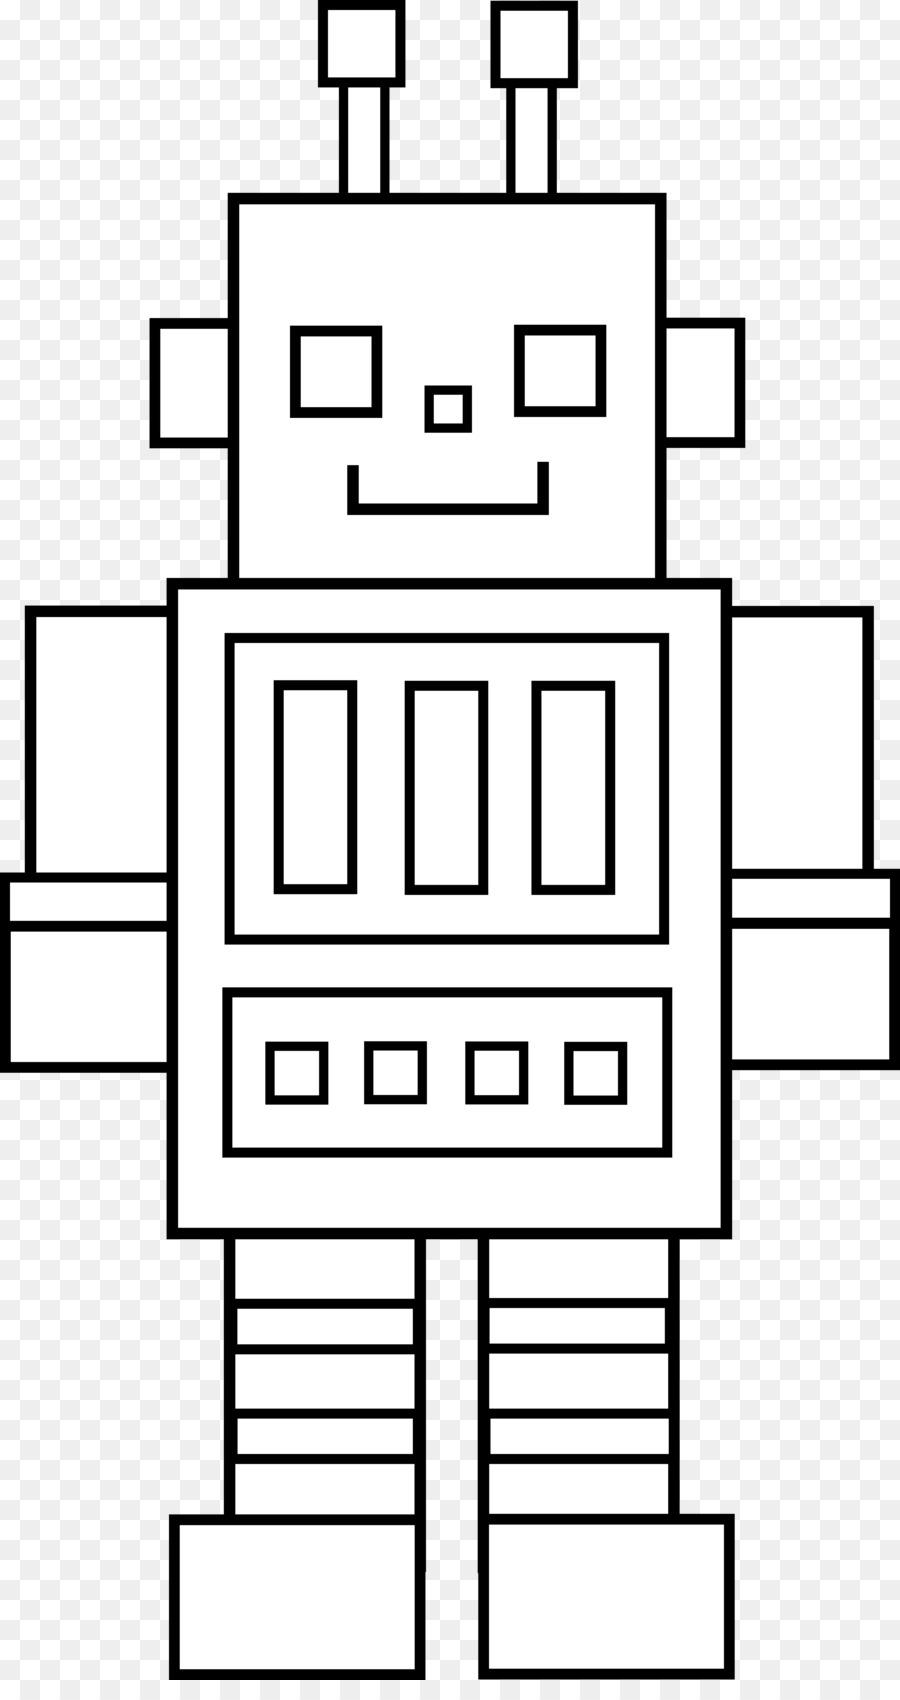 Robotik Kitap Siyah Beyaz Küçük Resim Boyama Robot Fotograflardan